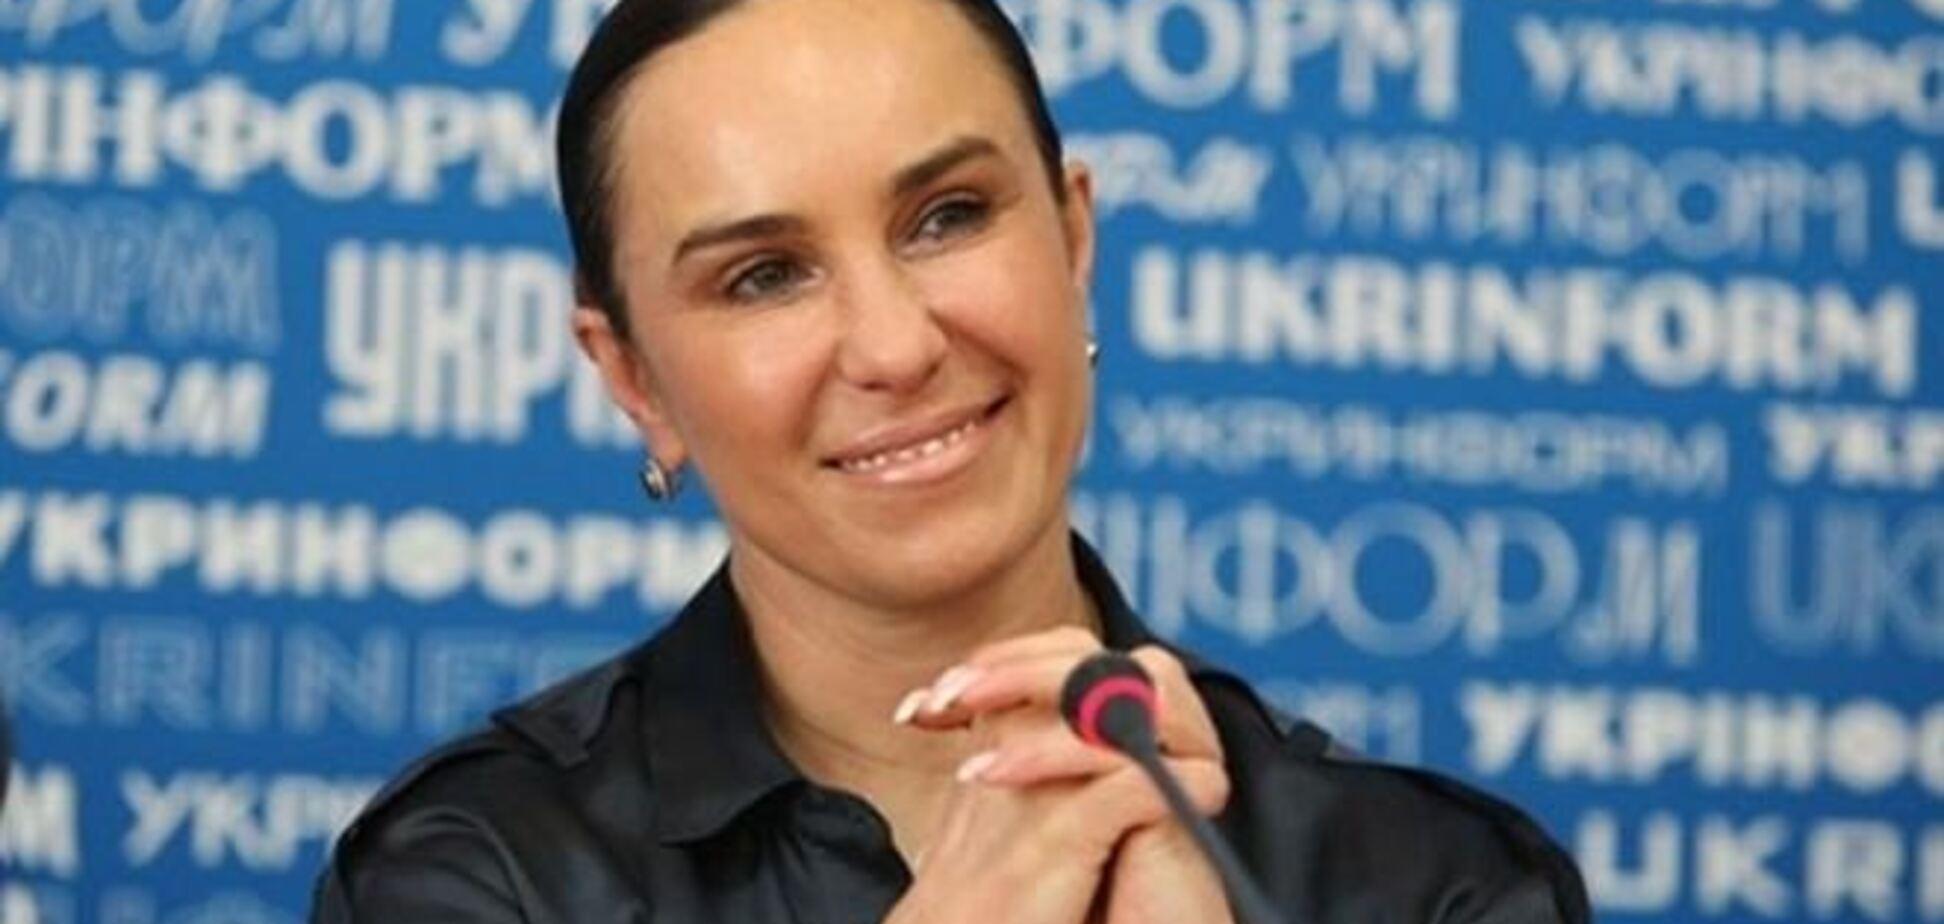 Стелла Захарова: министр спорта срывает наш 'Кубок'